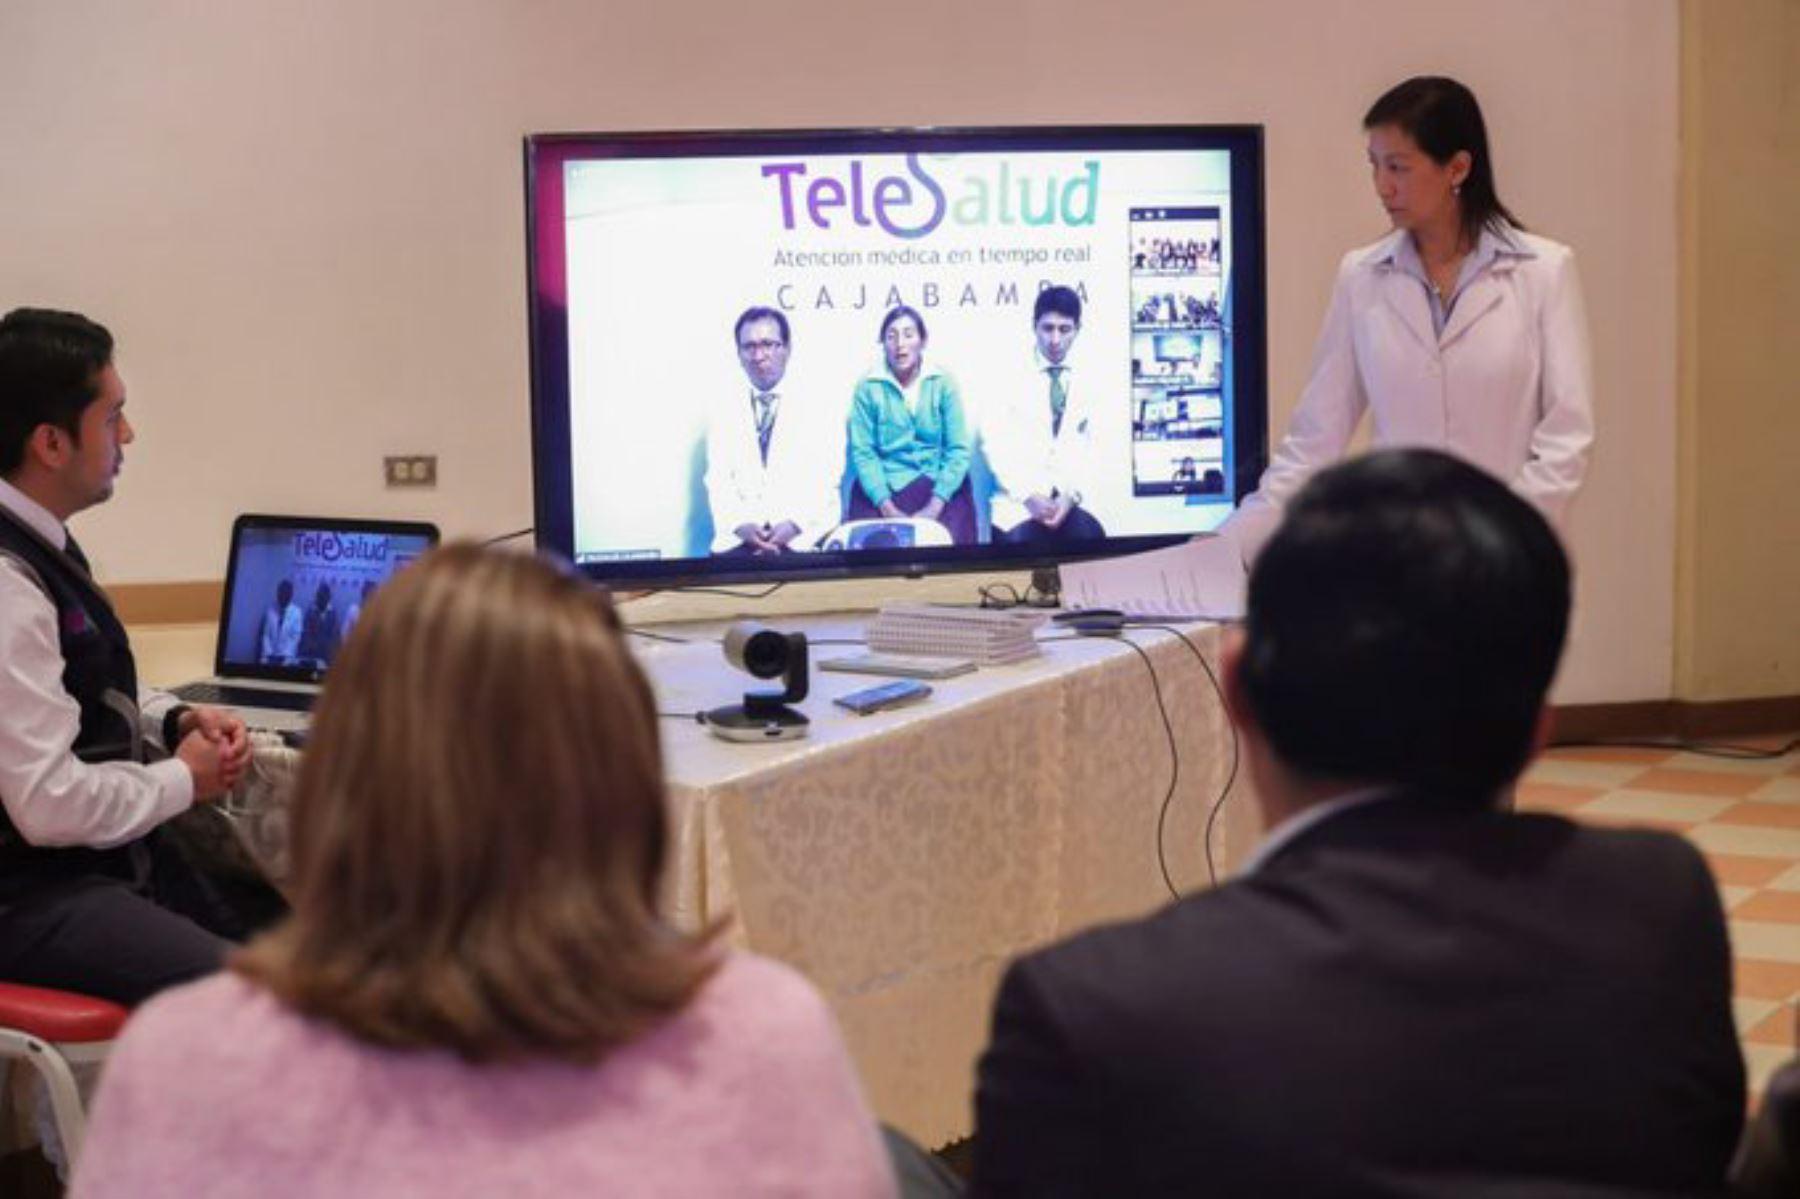 Telesalud democratiza servicios de salud y mejora calidad de vida de los peruanos, afirma presidente del Consejo de Ministros, Vicente Zeballos. ANDINA/Difusión